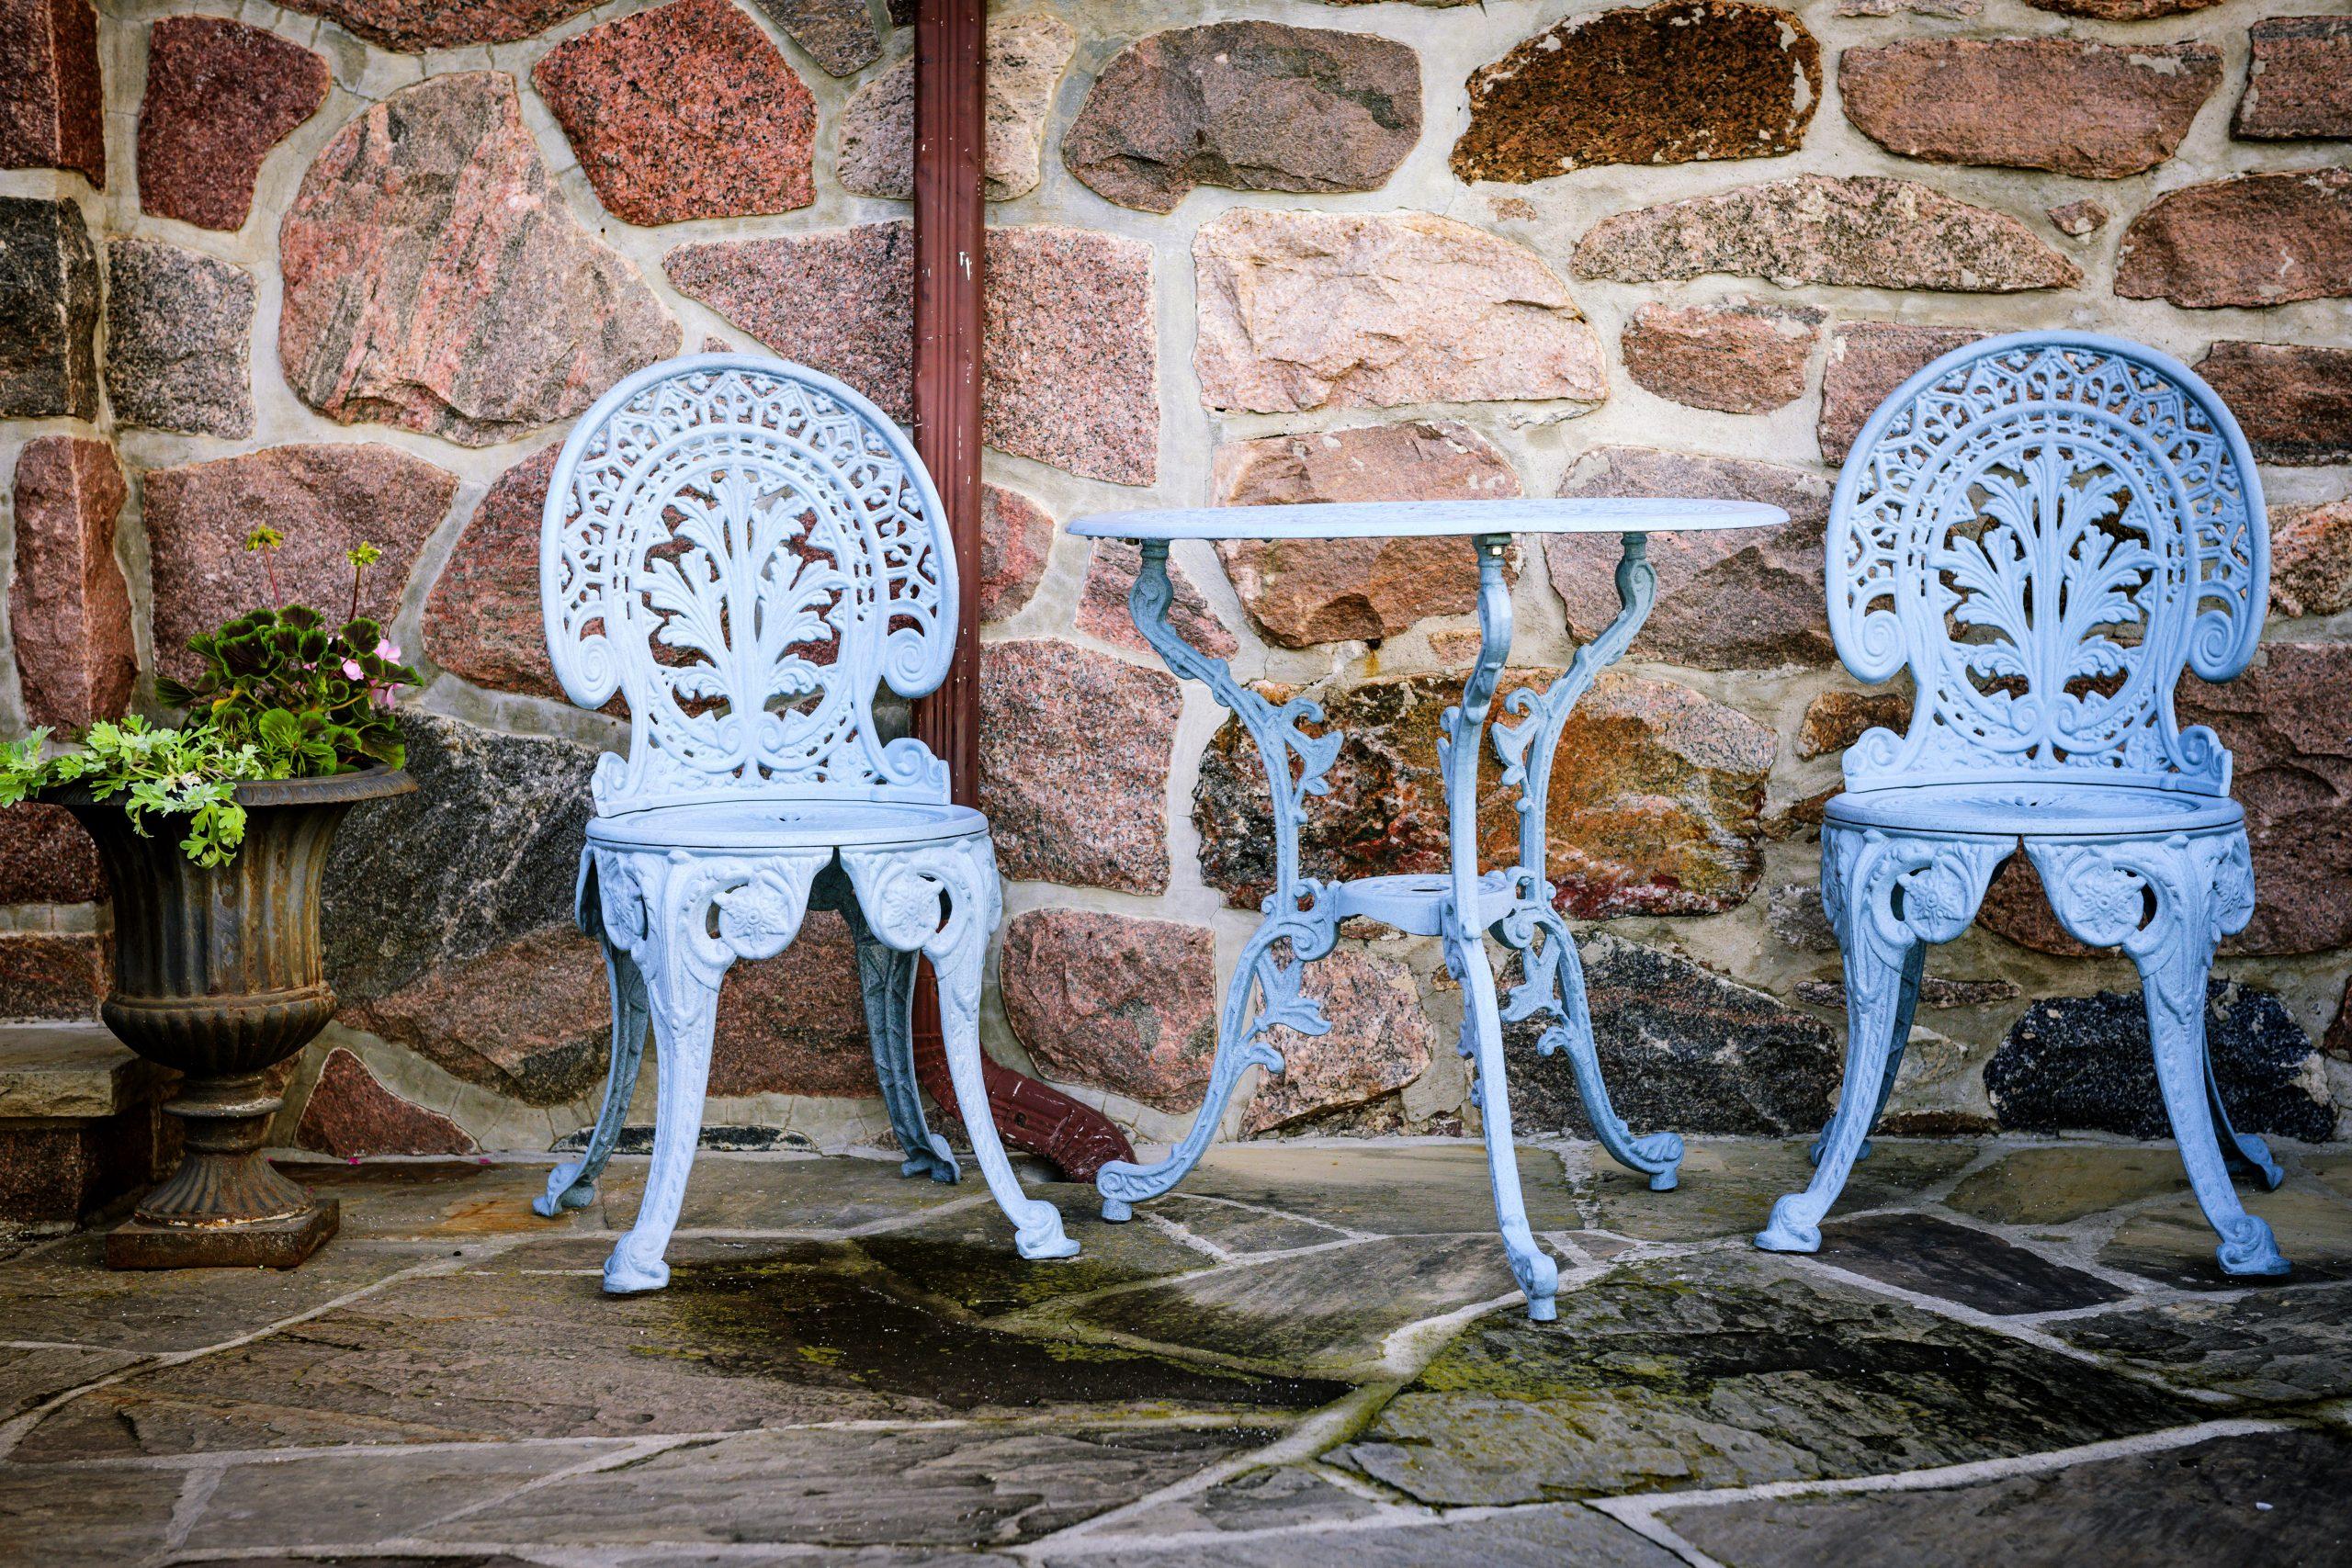 Sillas de metal al aire libre en el patio de piedra